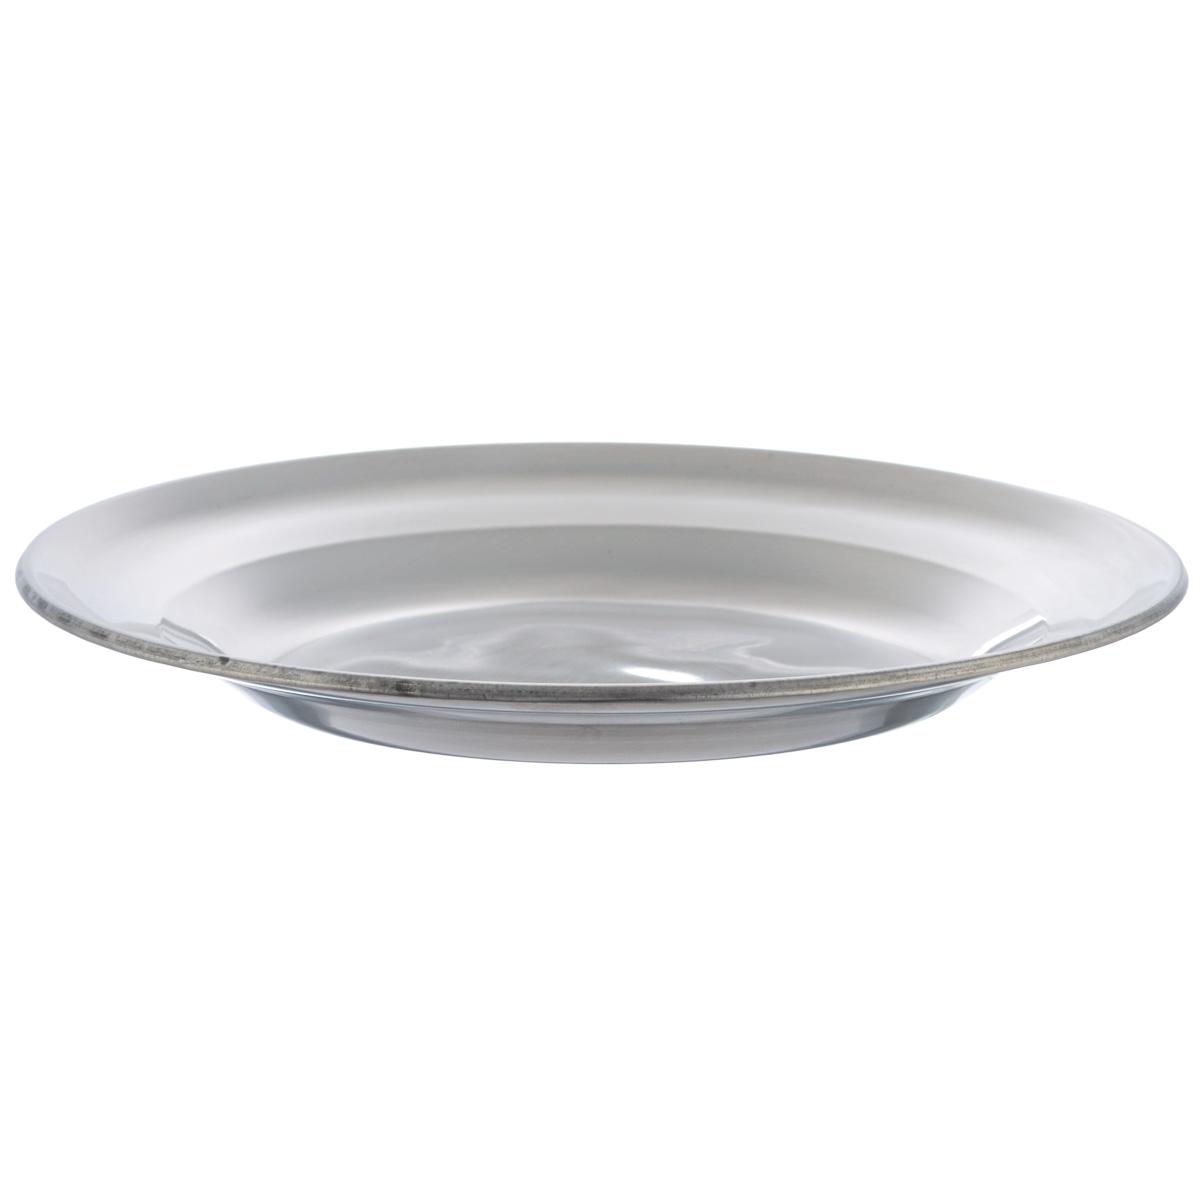 Тарелка Padia, диаметр 20 см5400-04Тарелка Padia изготовлена из нержавеющей стали. Удобная посуда прекрасно подойдет для походов и пикников. Прочная, компактная тарелка легко моется. Отлично подойдет для горячих блюд.Диаметр тарелки: 20 см.Высота тарелки: 2,3 см.